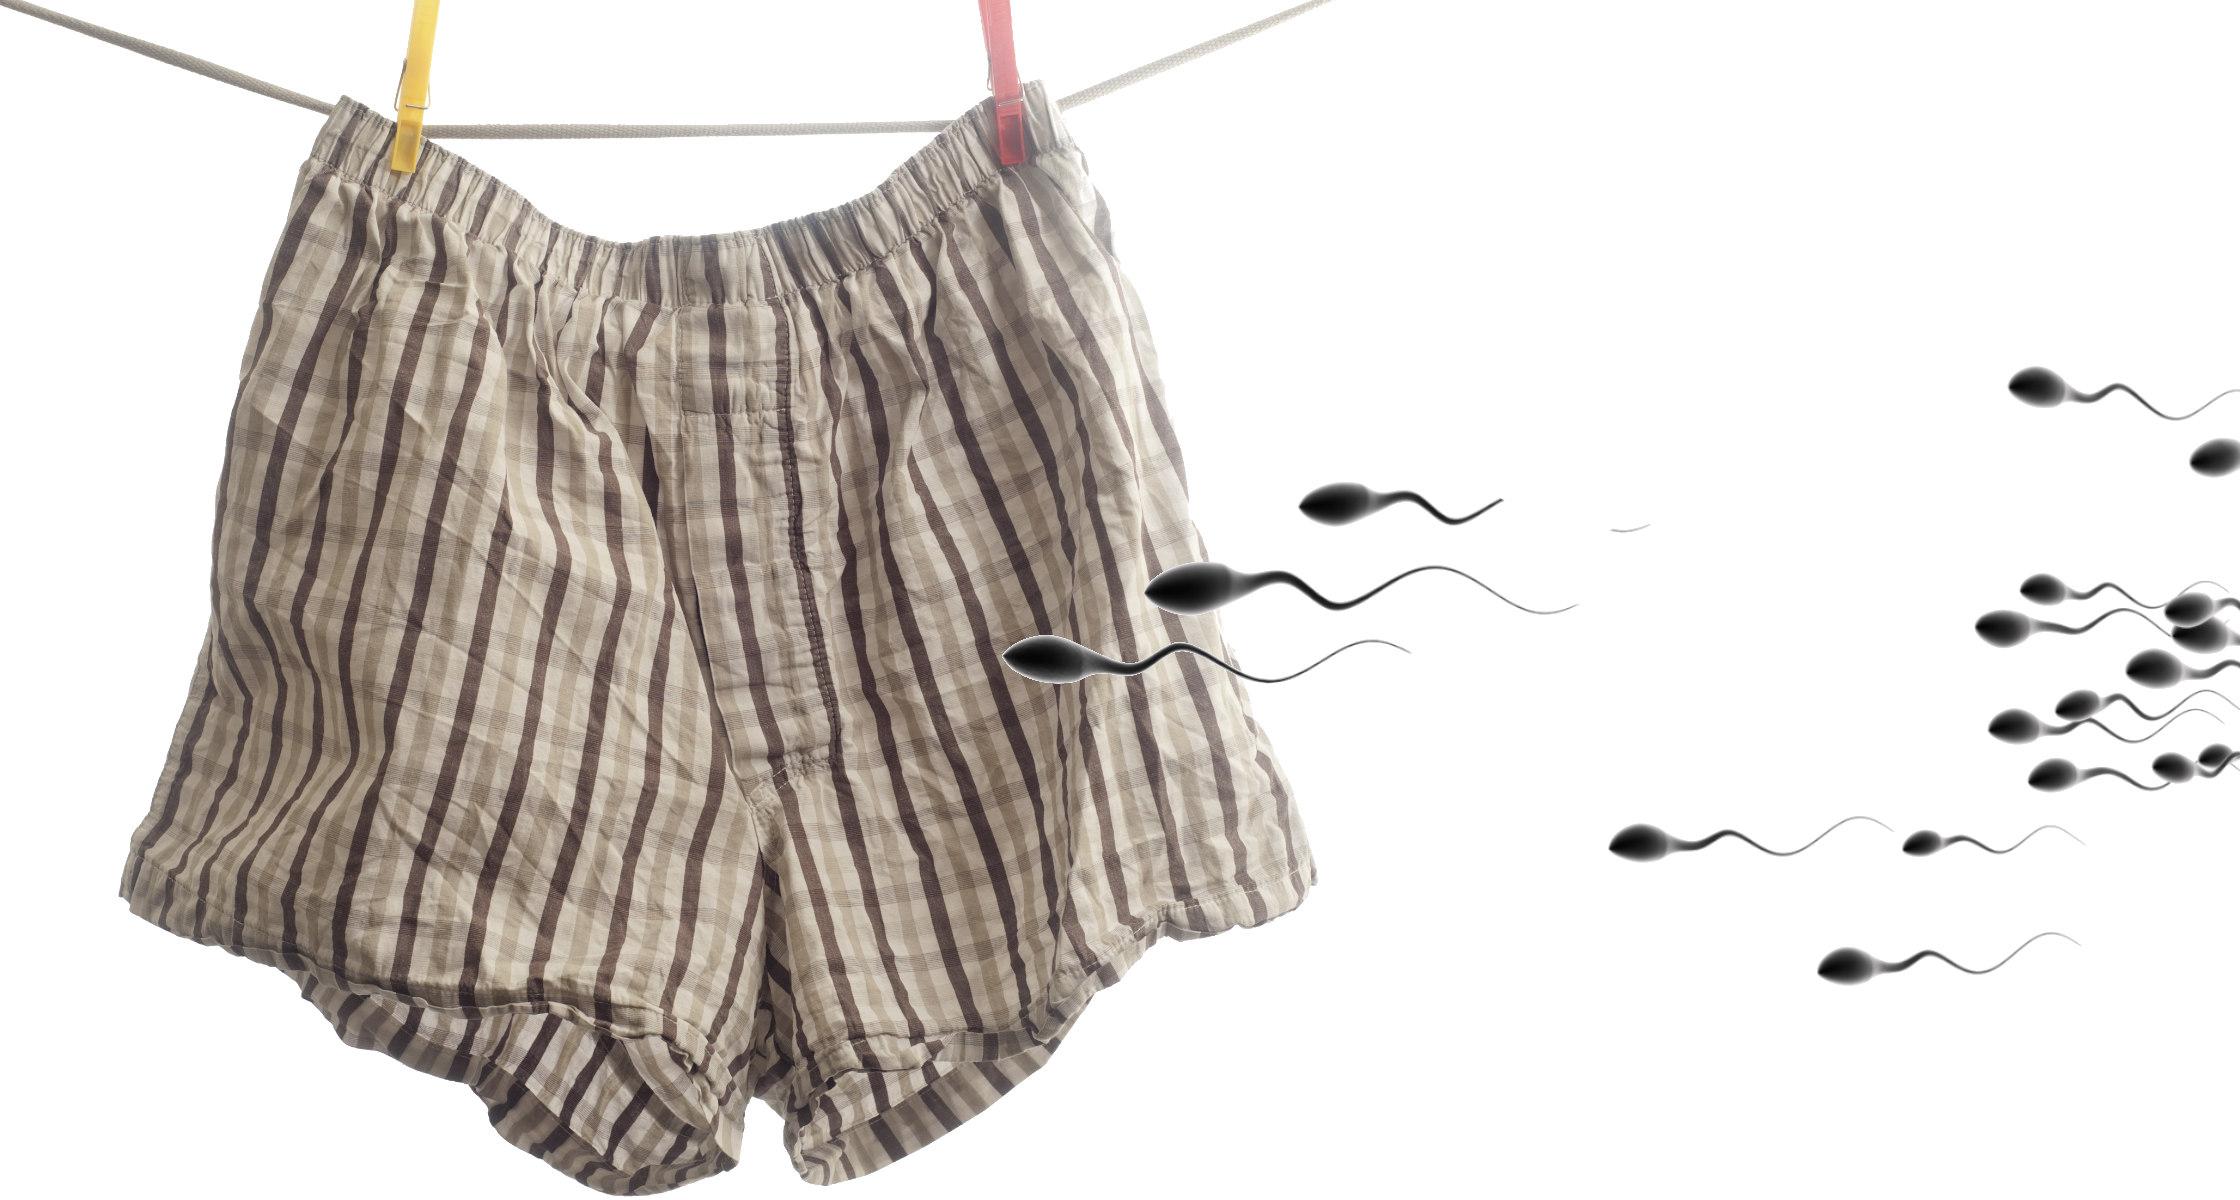 Können spermien durch unterwäsche